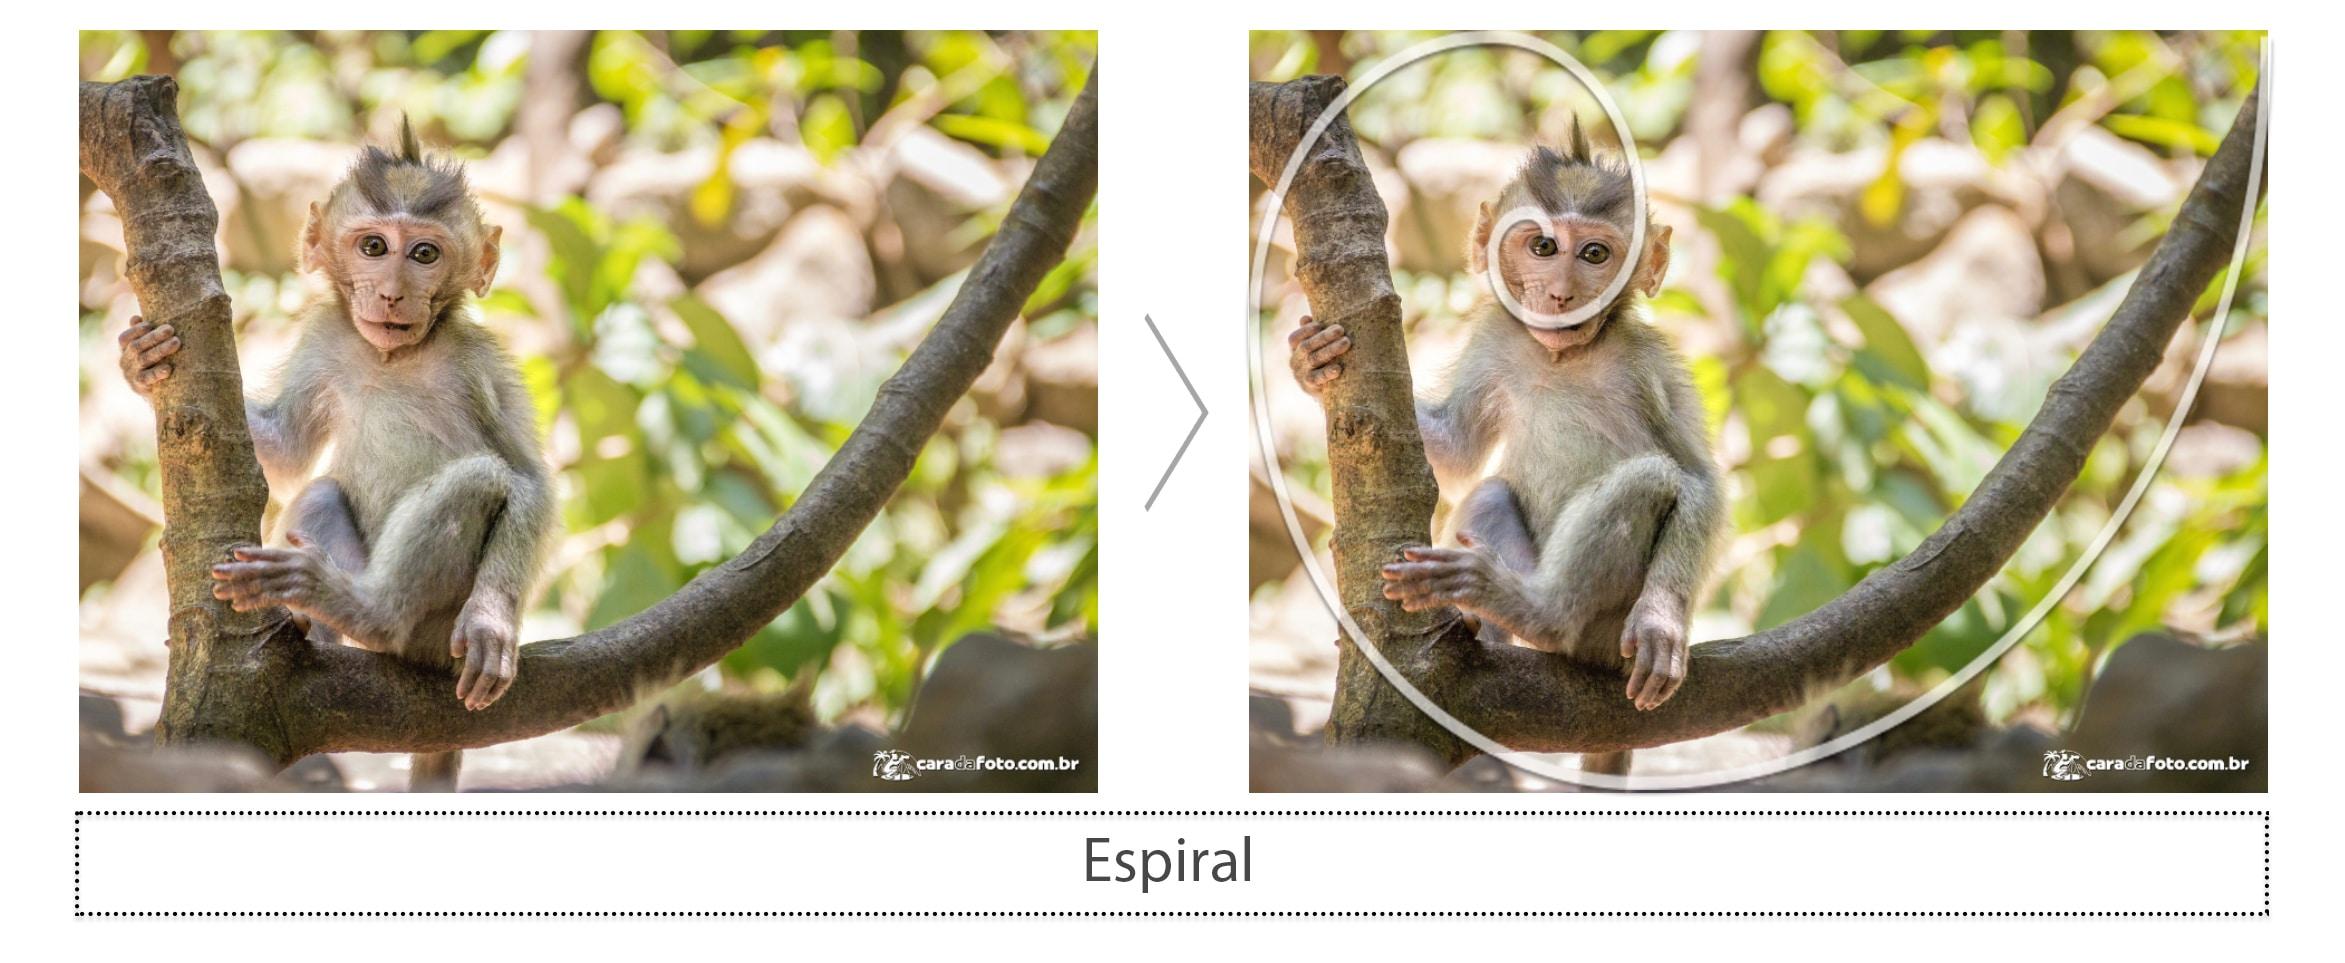 goldenRatio-espiral-CaraDaFoto